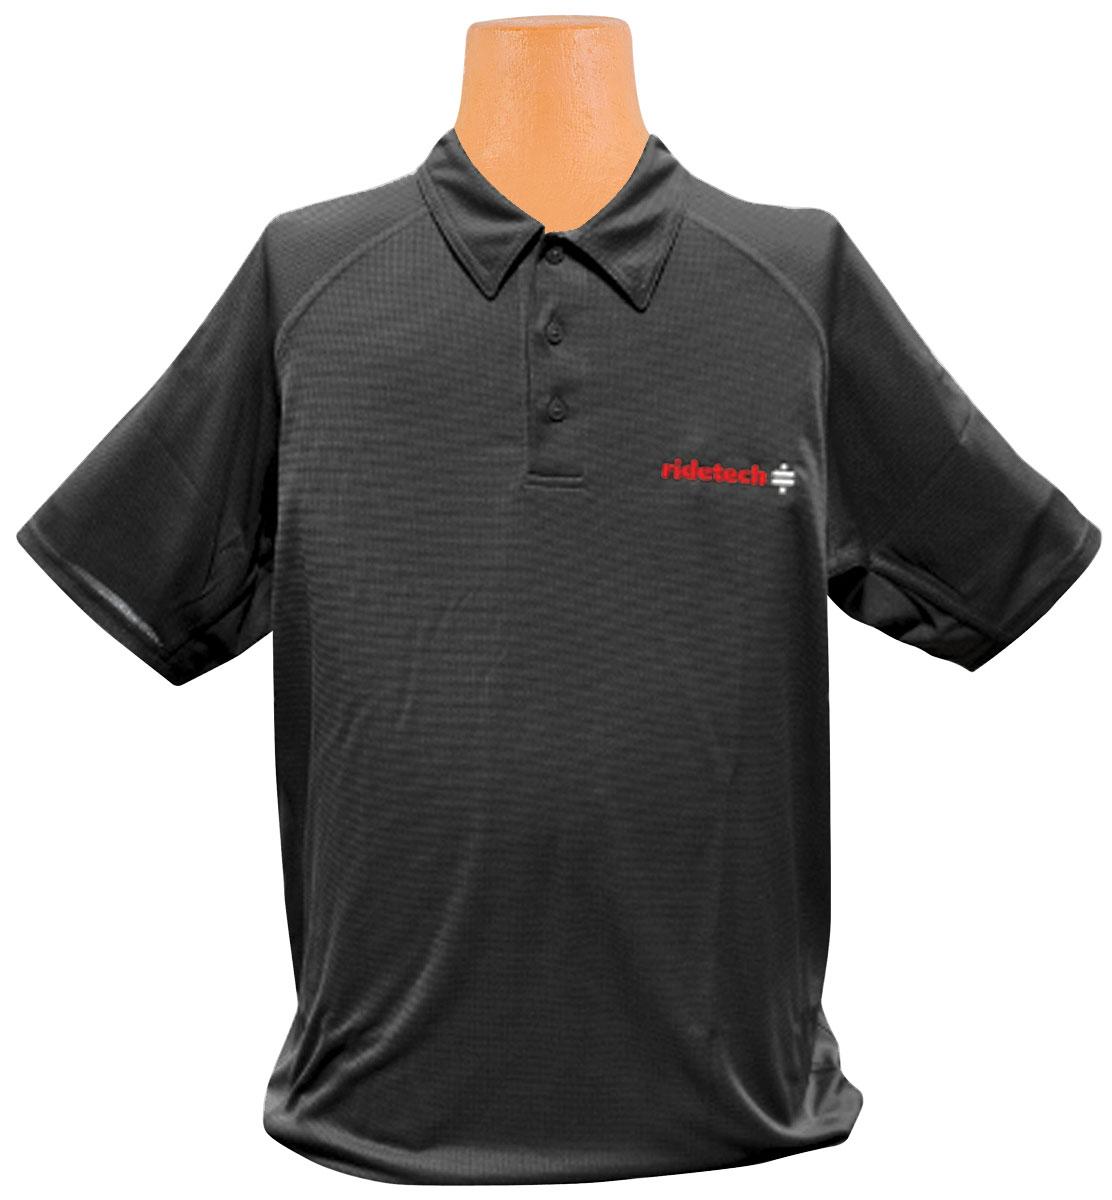 Shirt, Ride Tech Logo, Black Polo